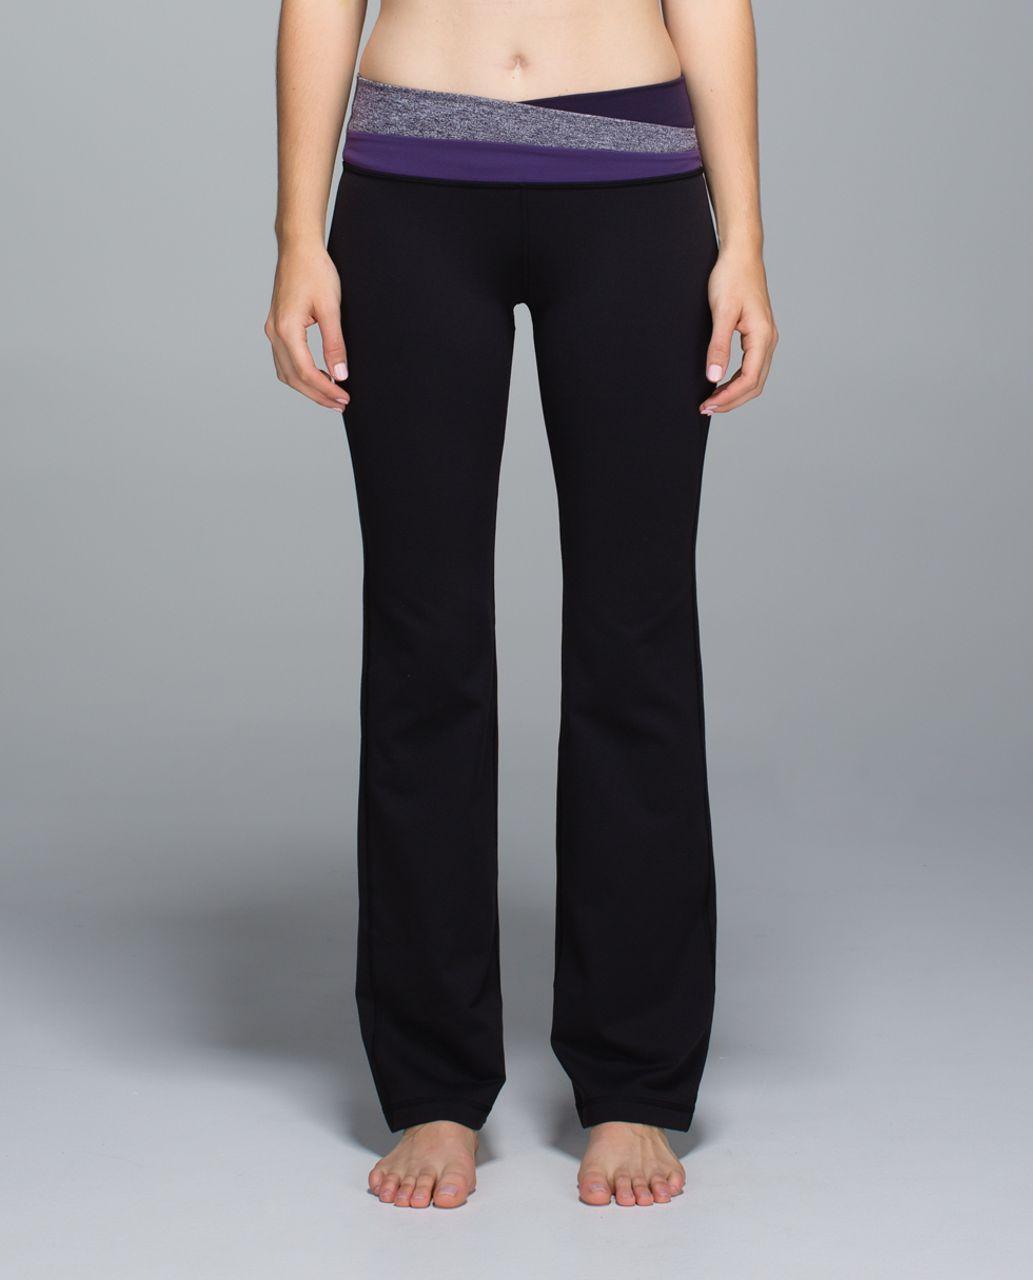 Lululemon Astro Pant *Full-On Luon (Regular) - Black / Heathered Black Grape / Going Grape